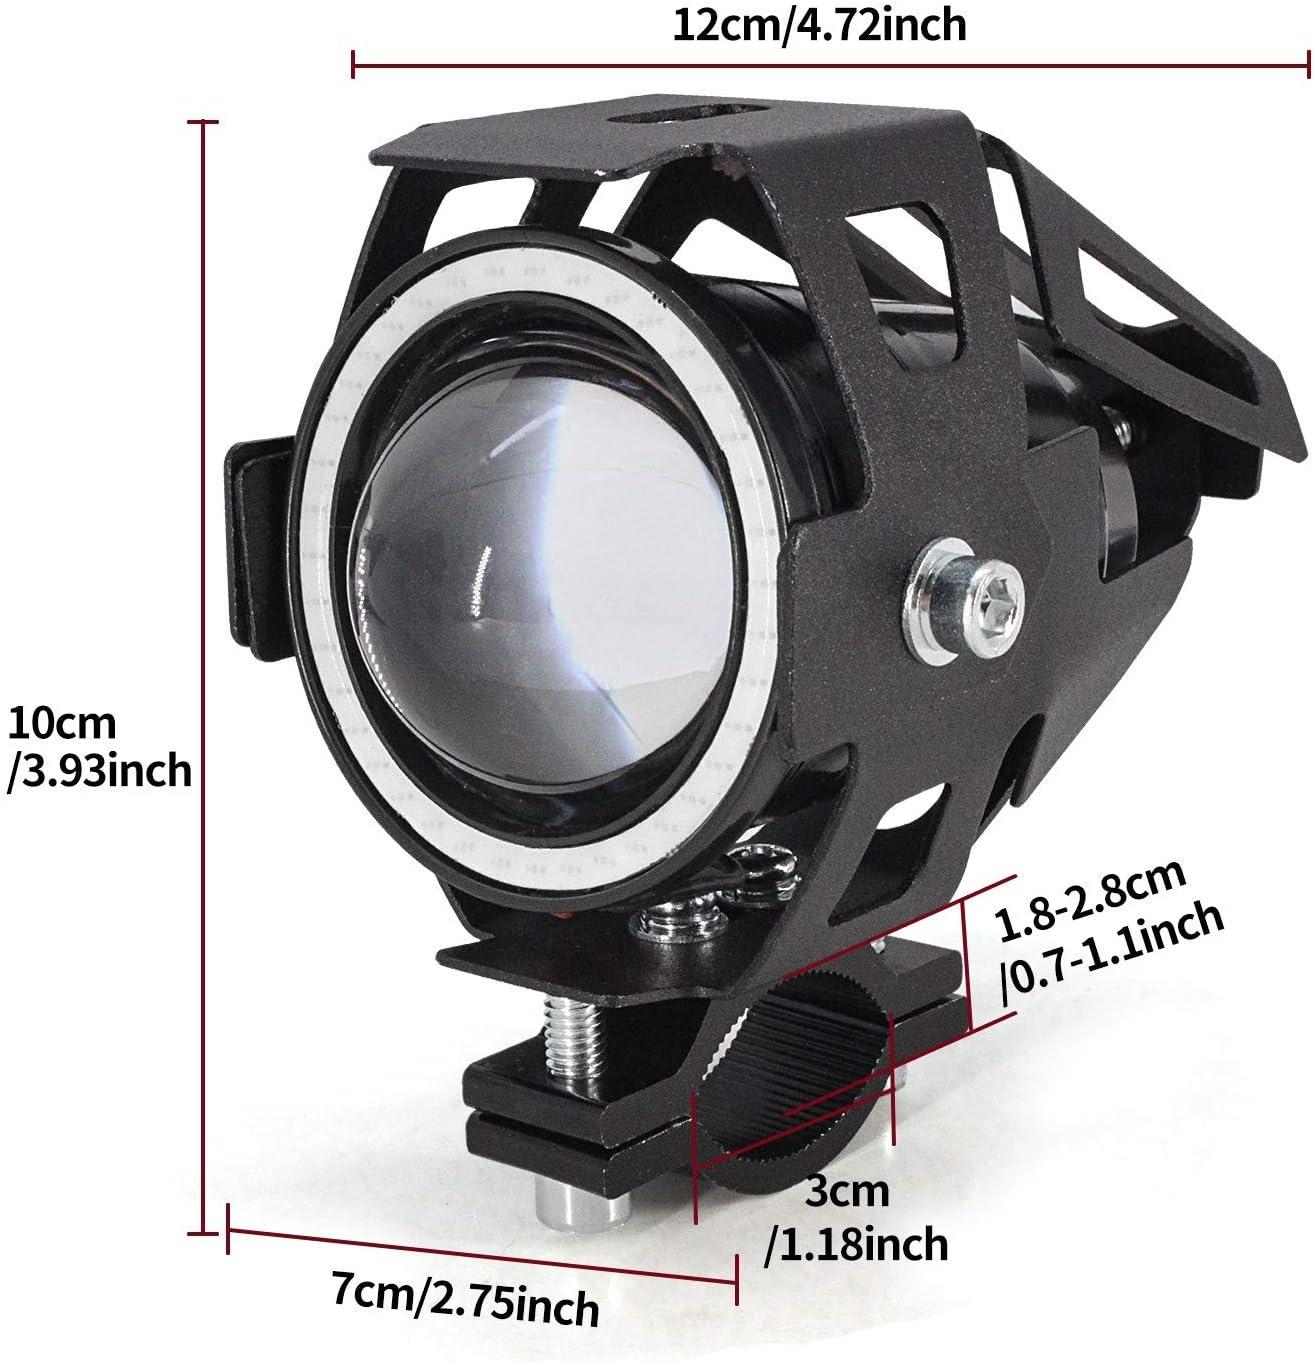 Biqing 2Pcs Phares Avant de Moto,U7 Phares suppl/émentaires pour moto 12V//24V Feux Antibrouillard LED 6000K avec interrupteur pour Quad Scooter Moto Bleu